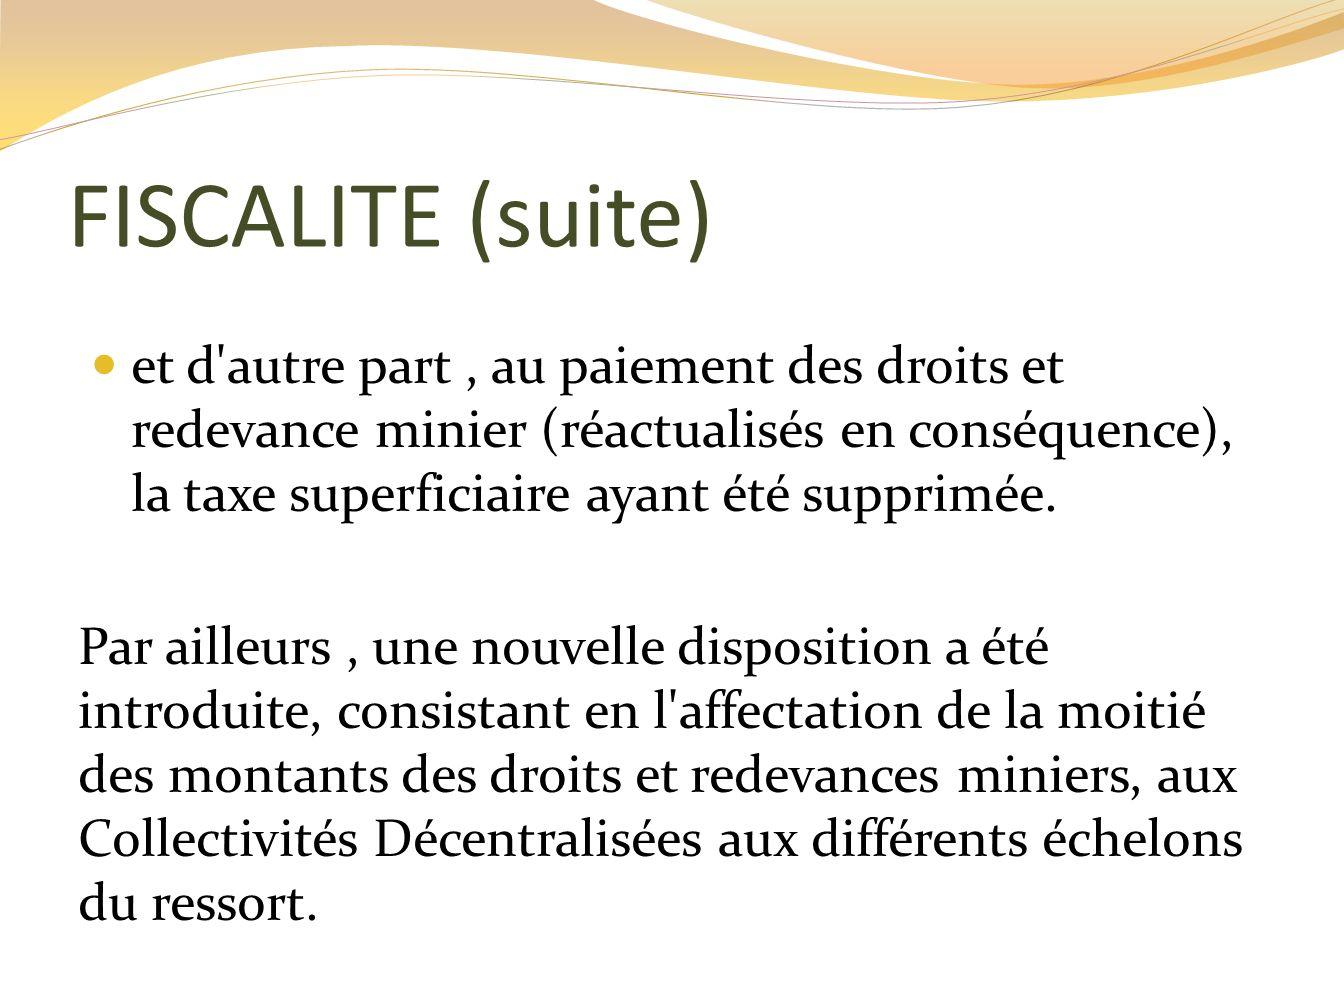 FISCALITE (suite) et d'autre part, au paiement des droits et redevance minier (réactualisés en conséquence), la taxe superficiaire ayant été supprimée